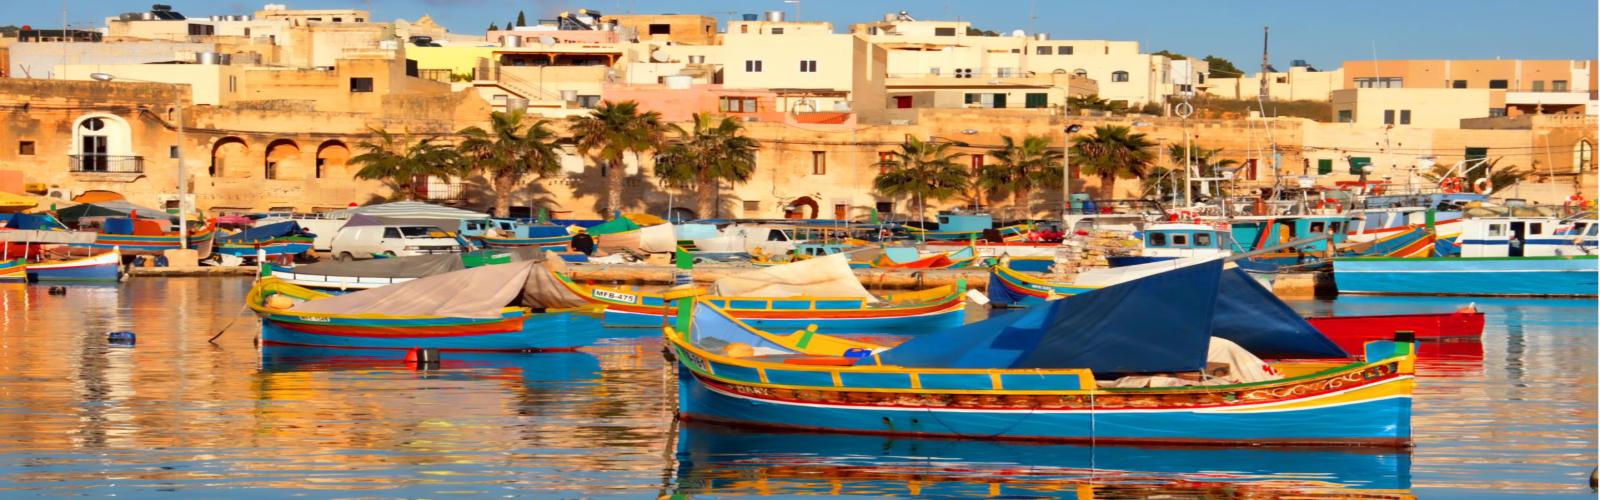 Malta Header